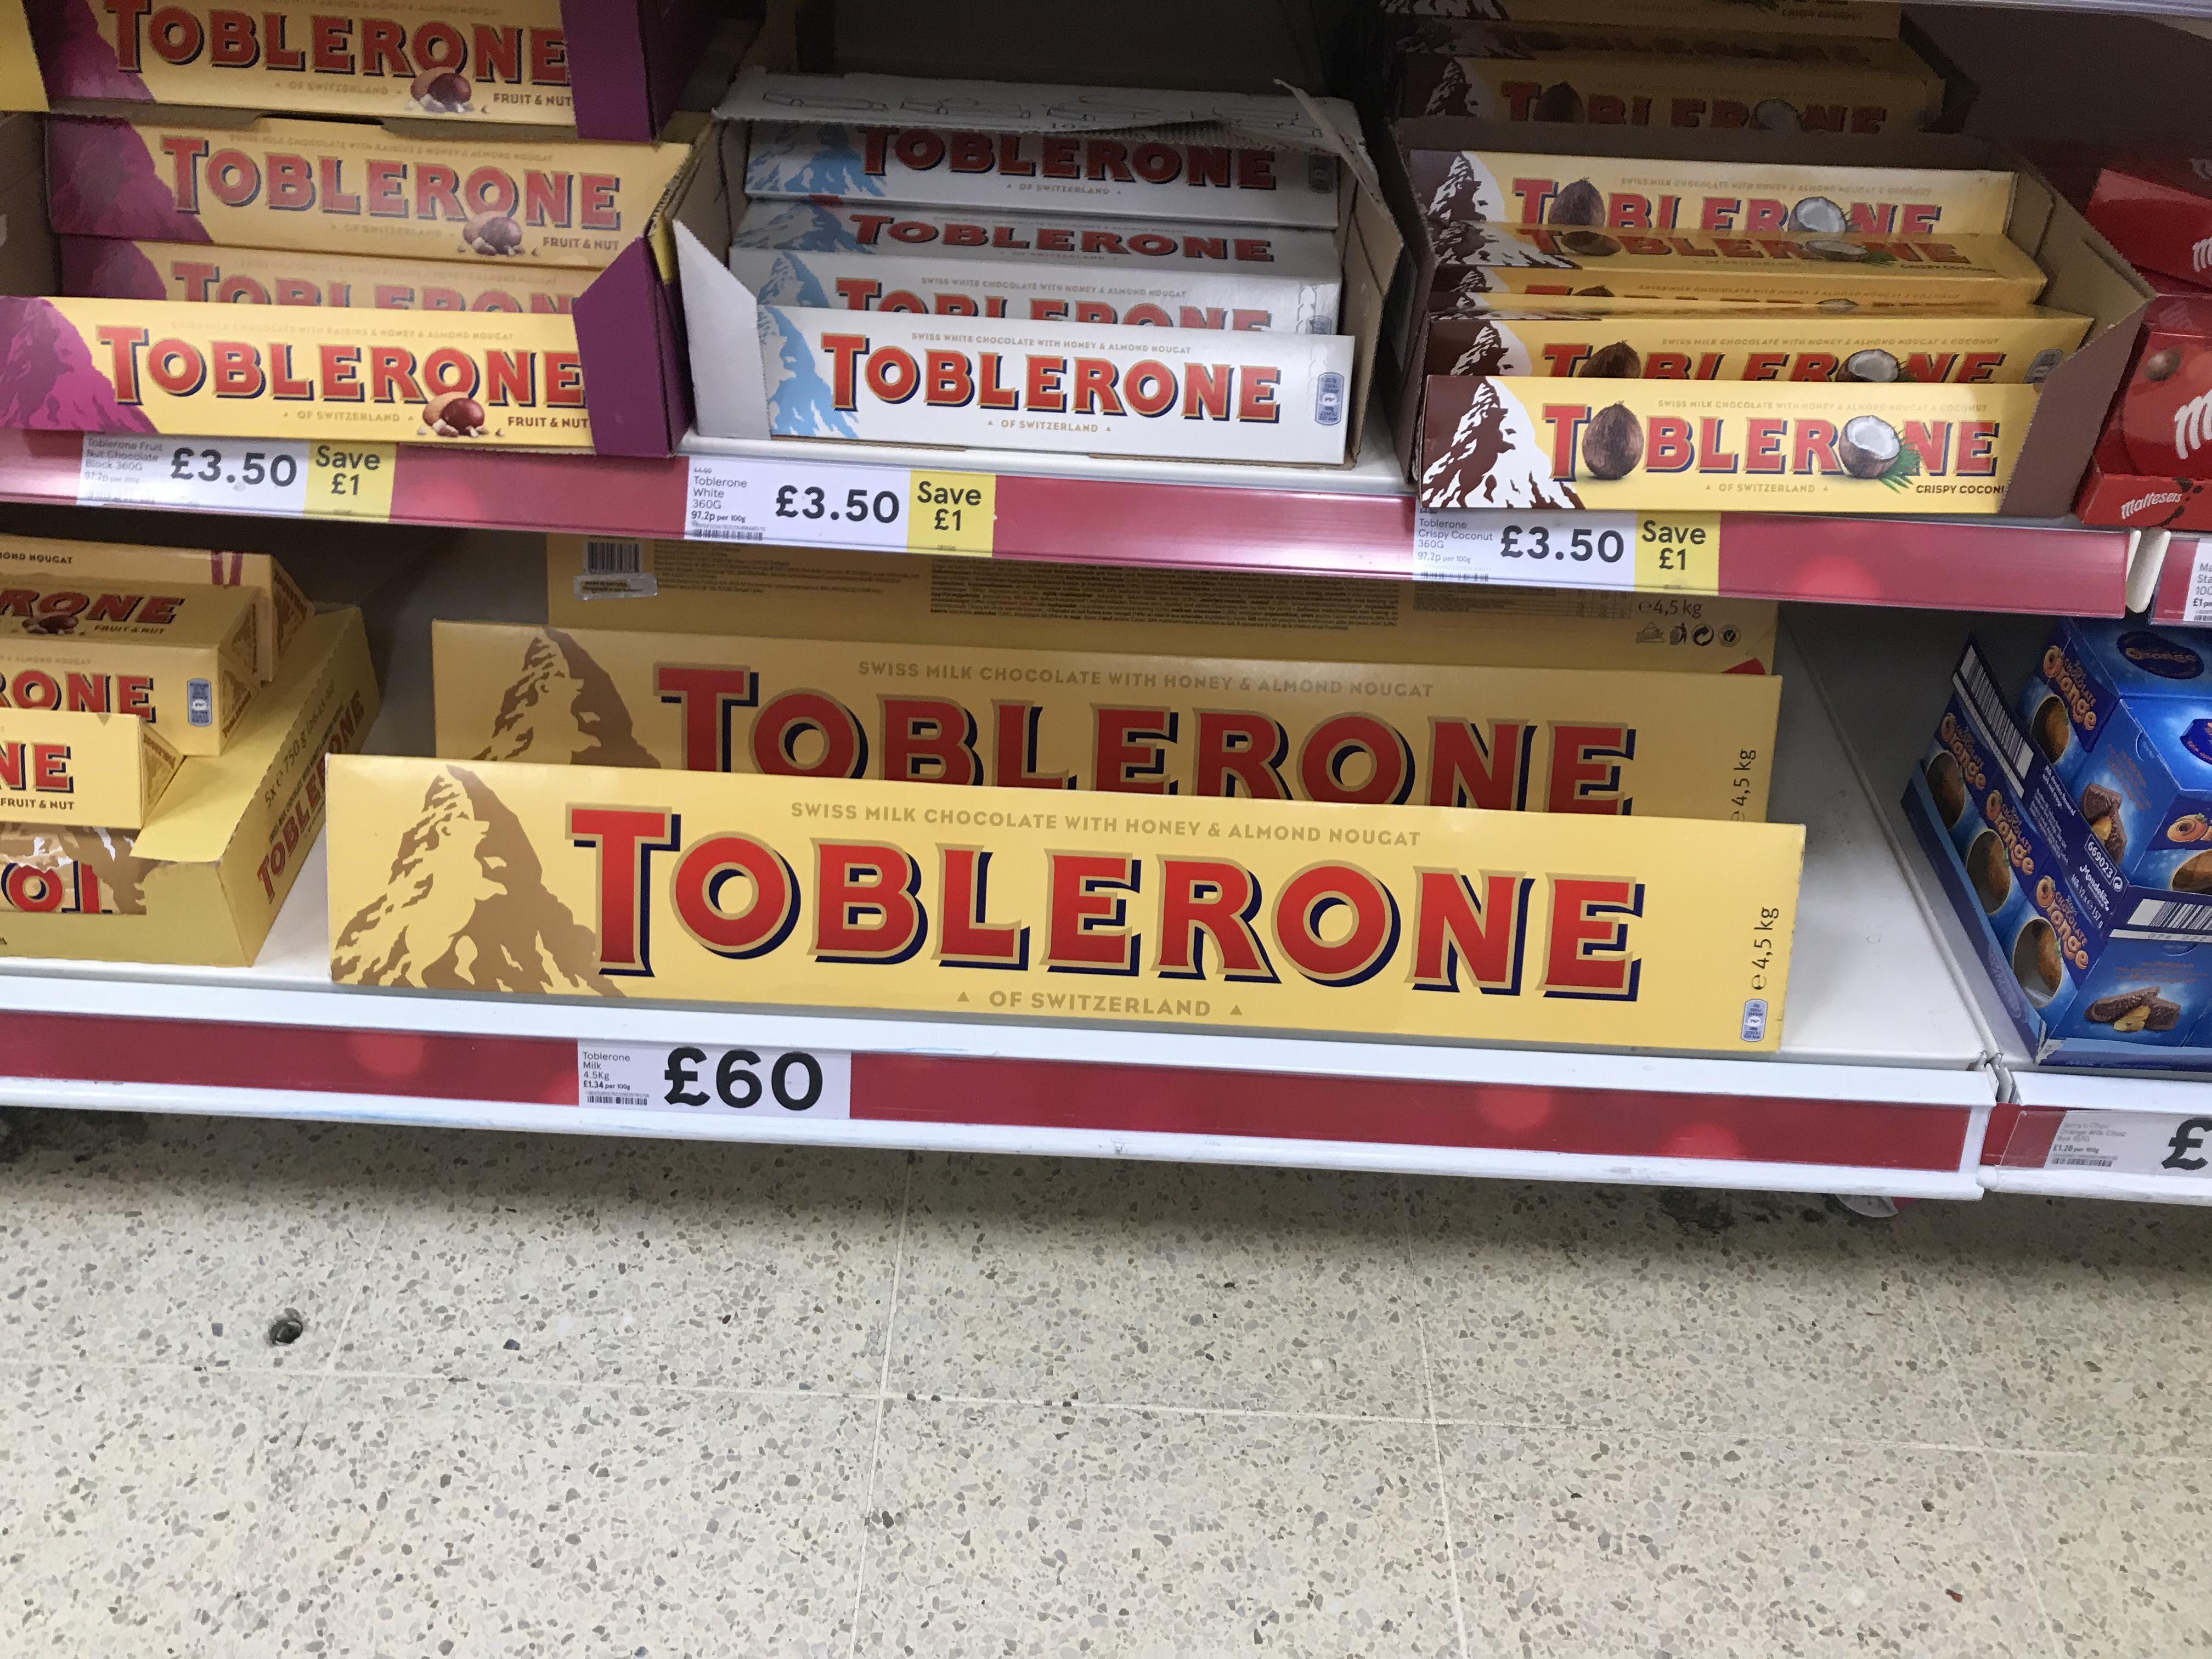 Giant 45kg Toblerone 60 Instore At Tesco Hotukdeals